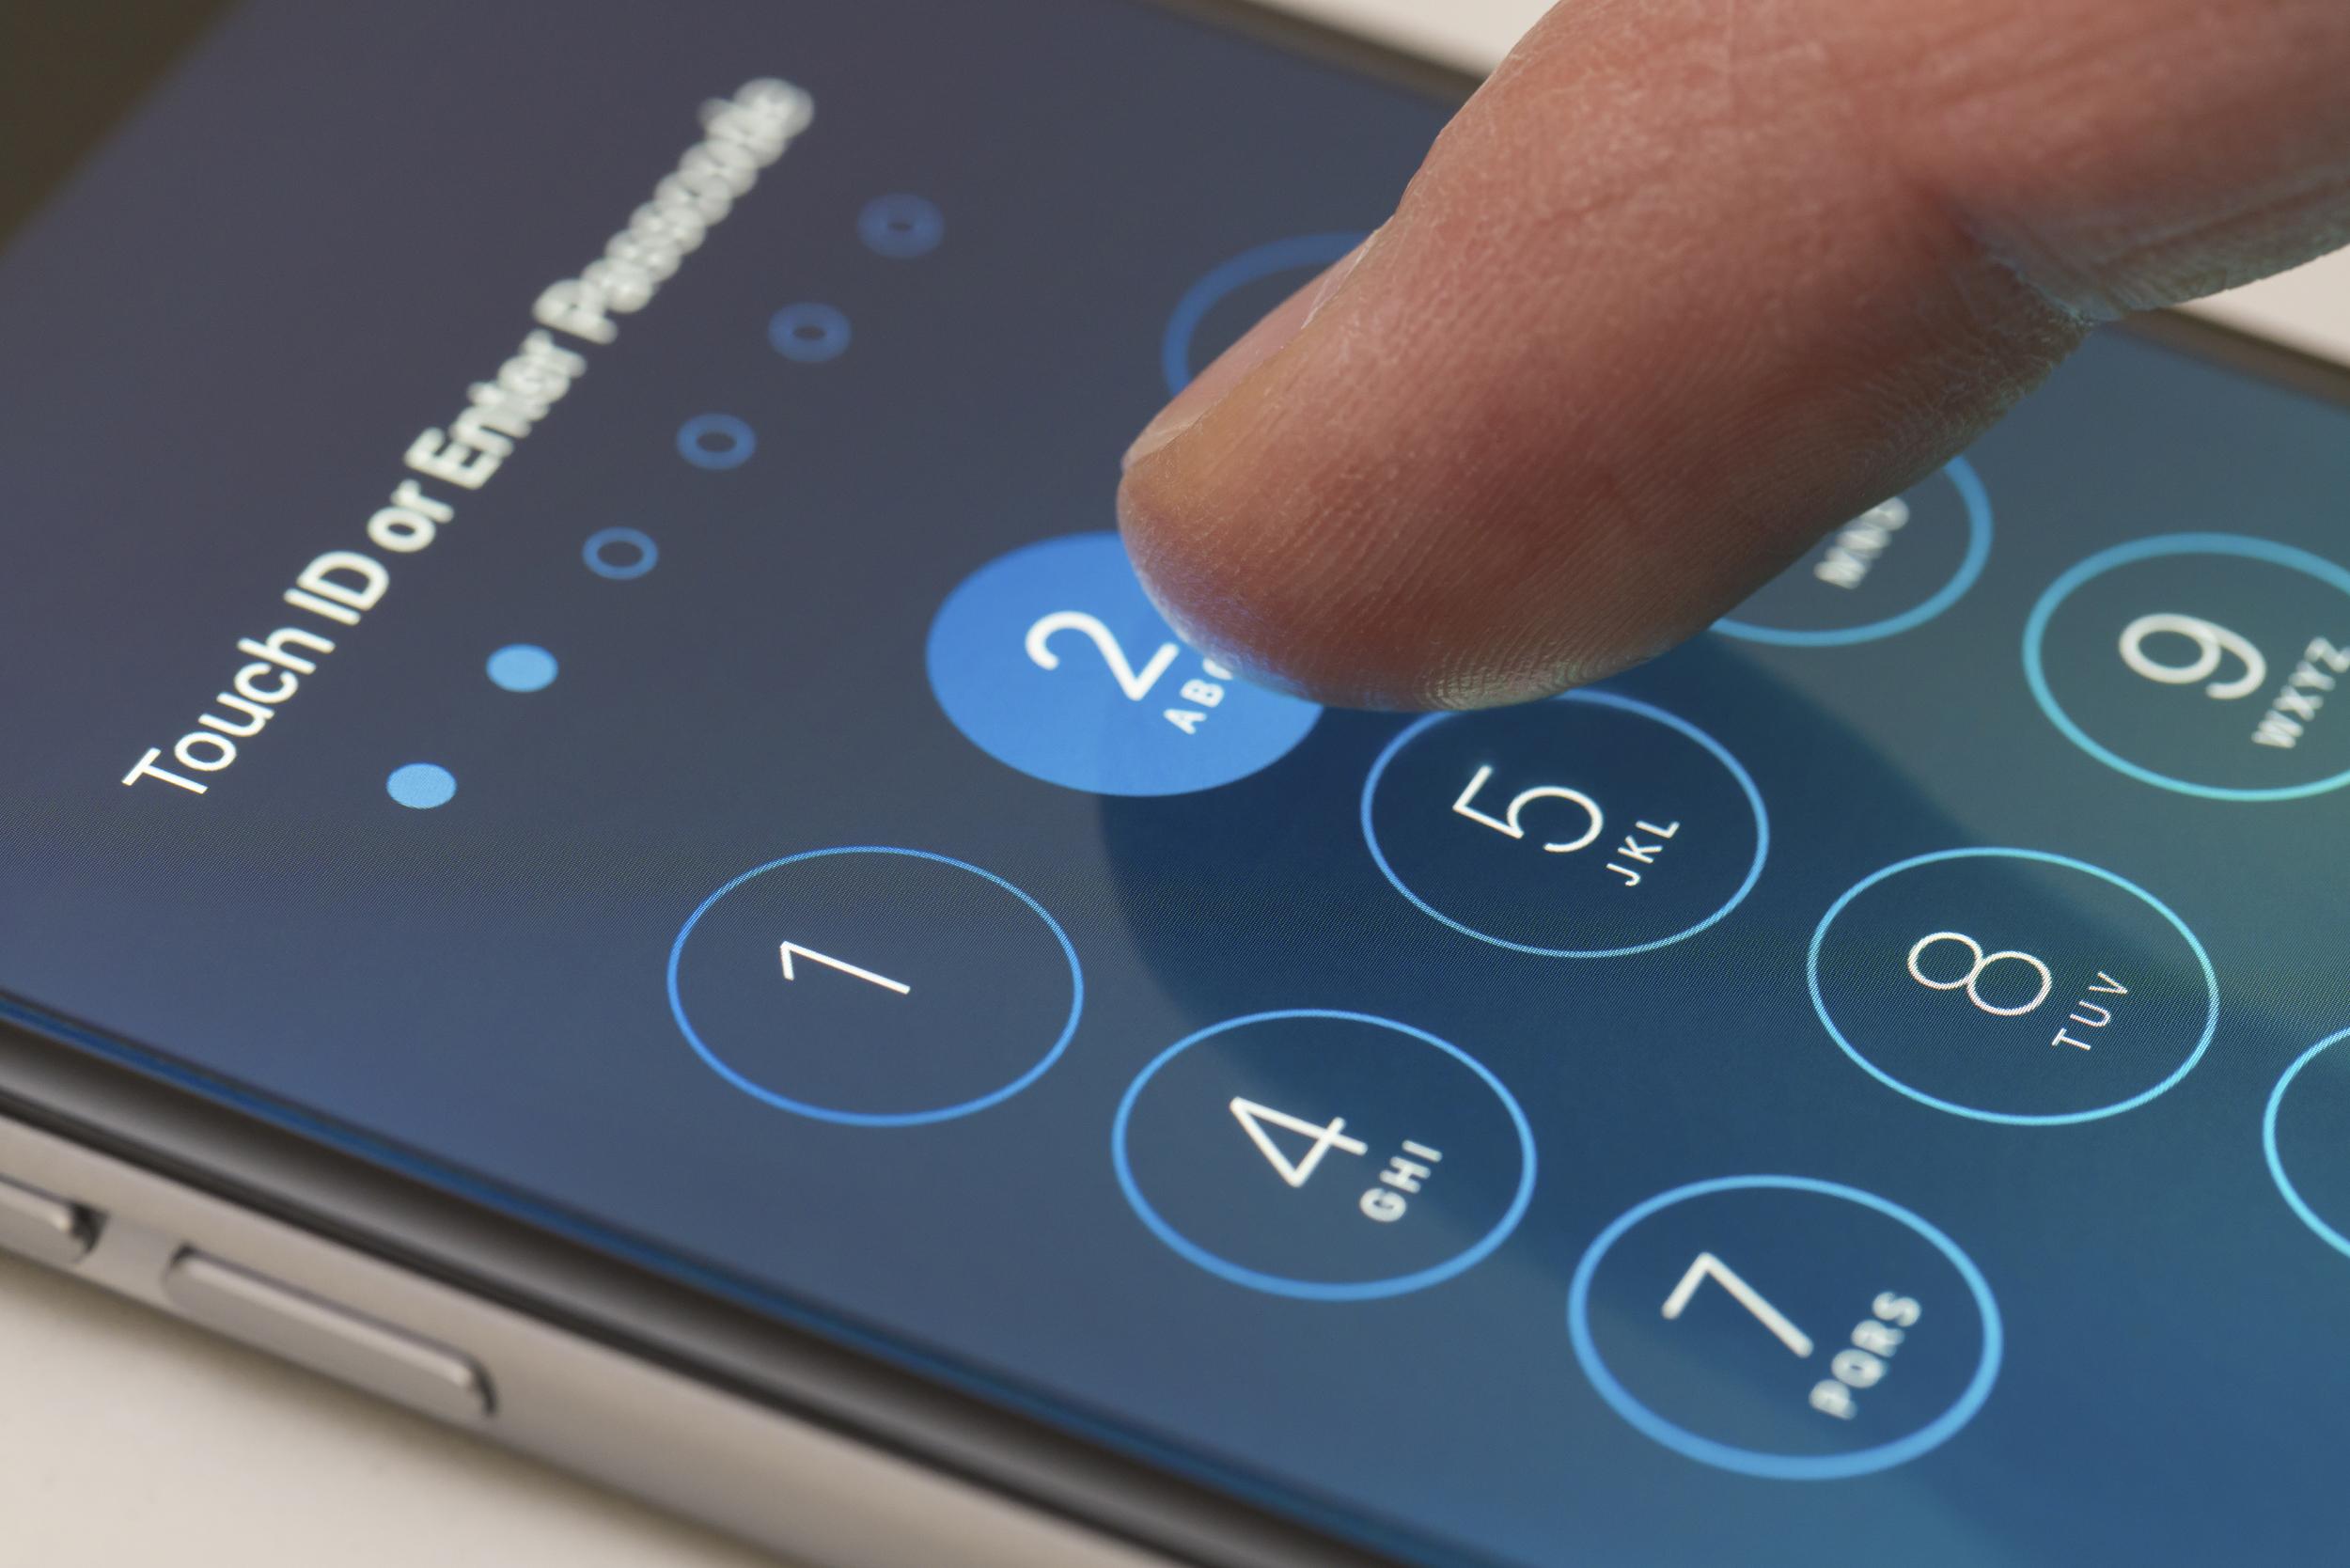 Как узнать пароли iOS